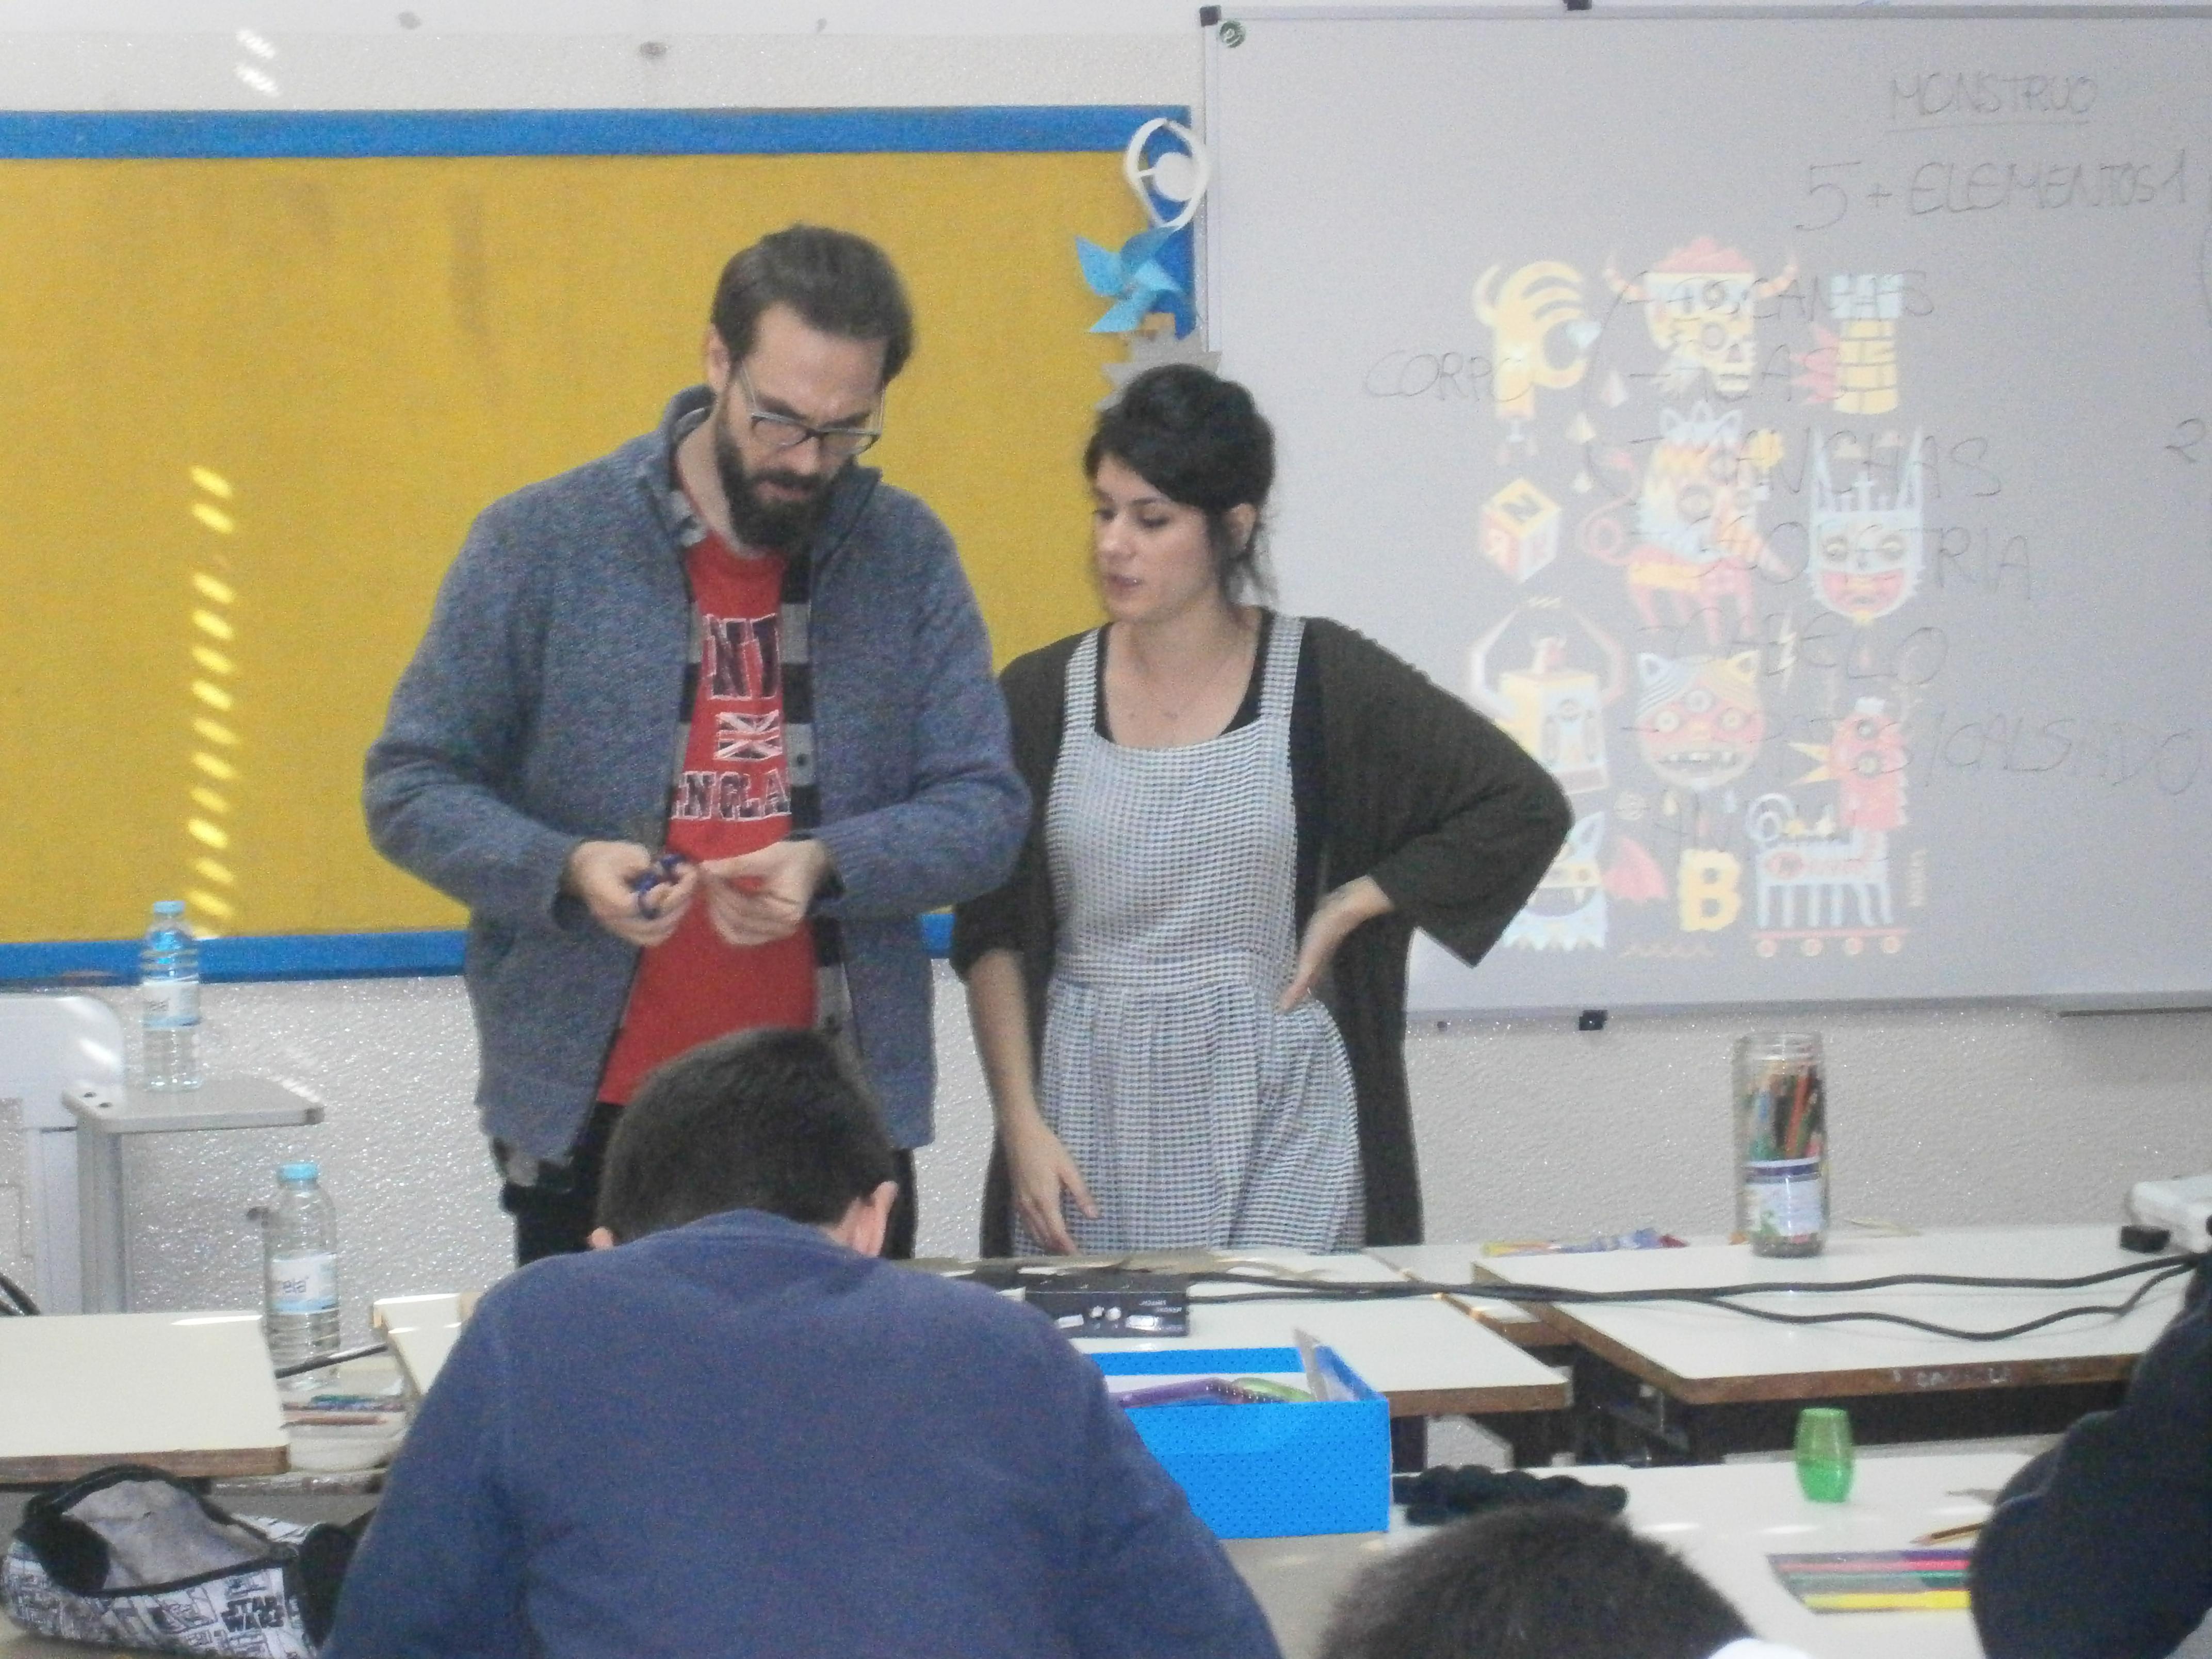 Oficina de Ilustração com Ana Suárez